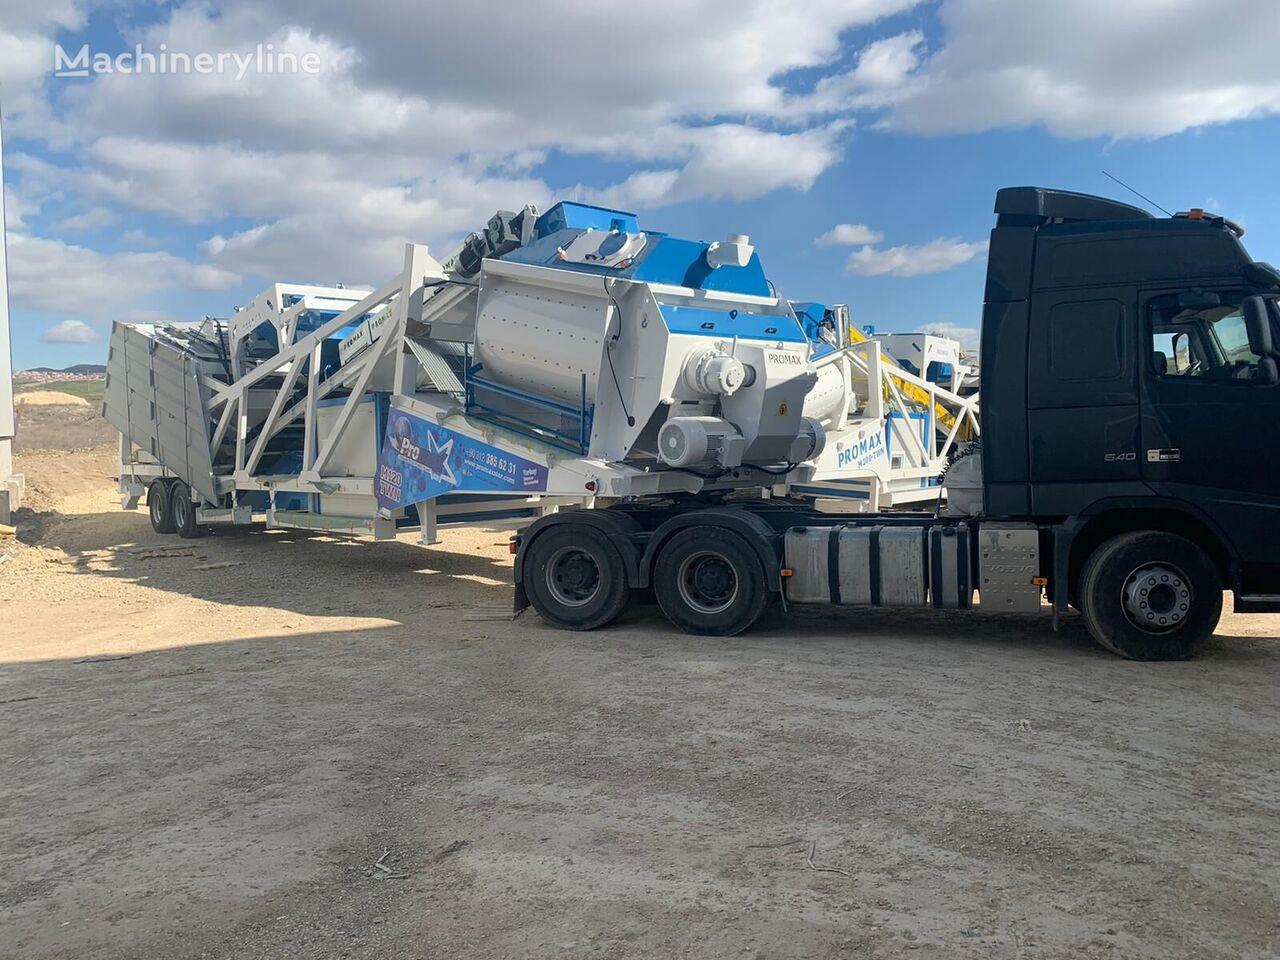 nieuw PROMAX Mobile Concrete Batching Plant M120-TWN (120m3/h) betoncentrale